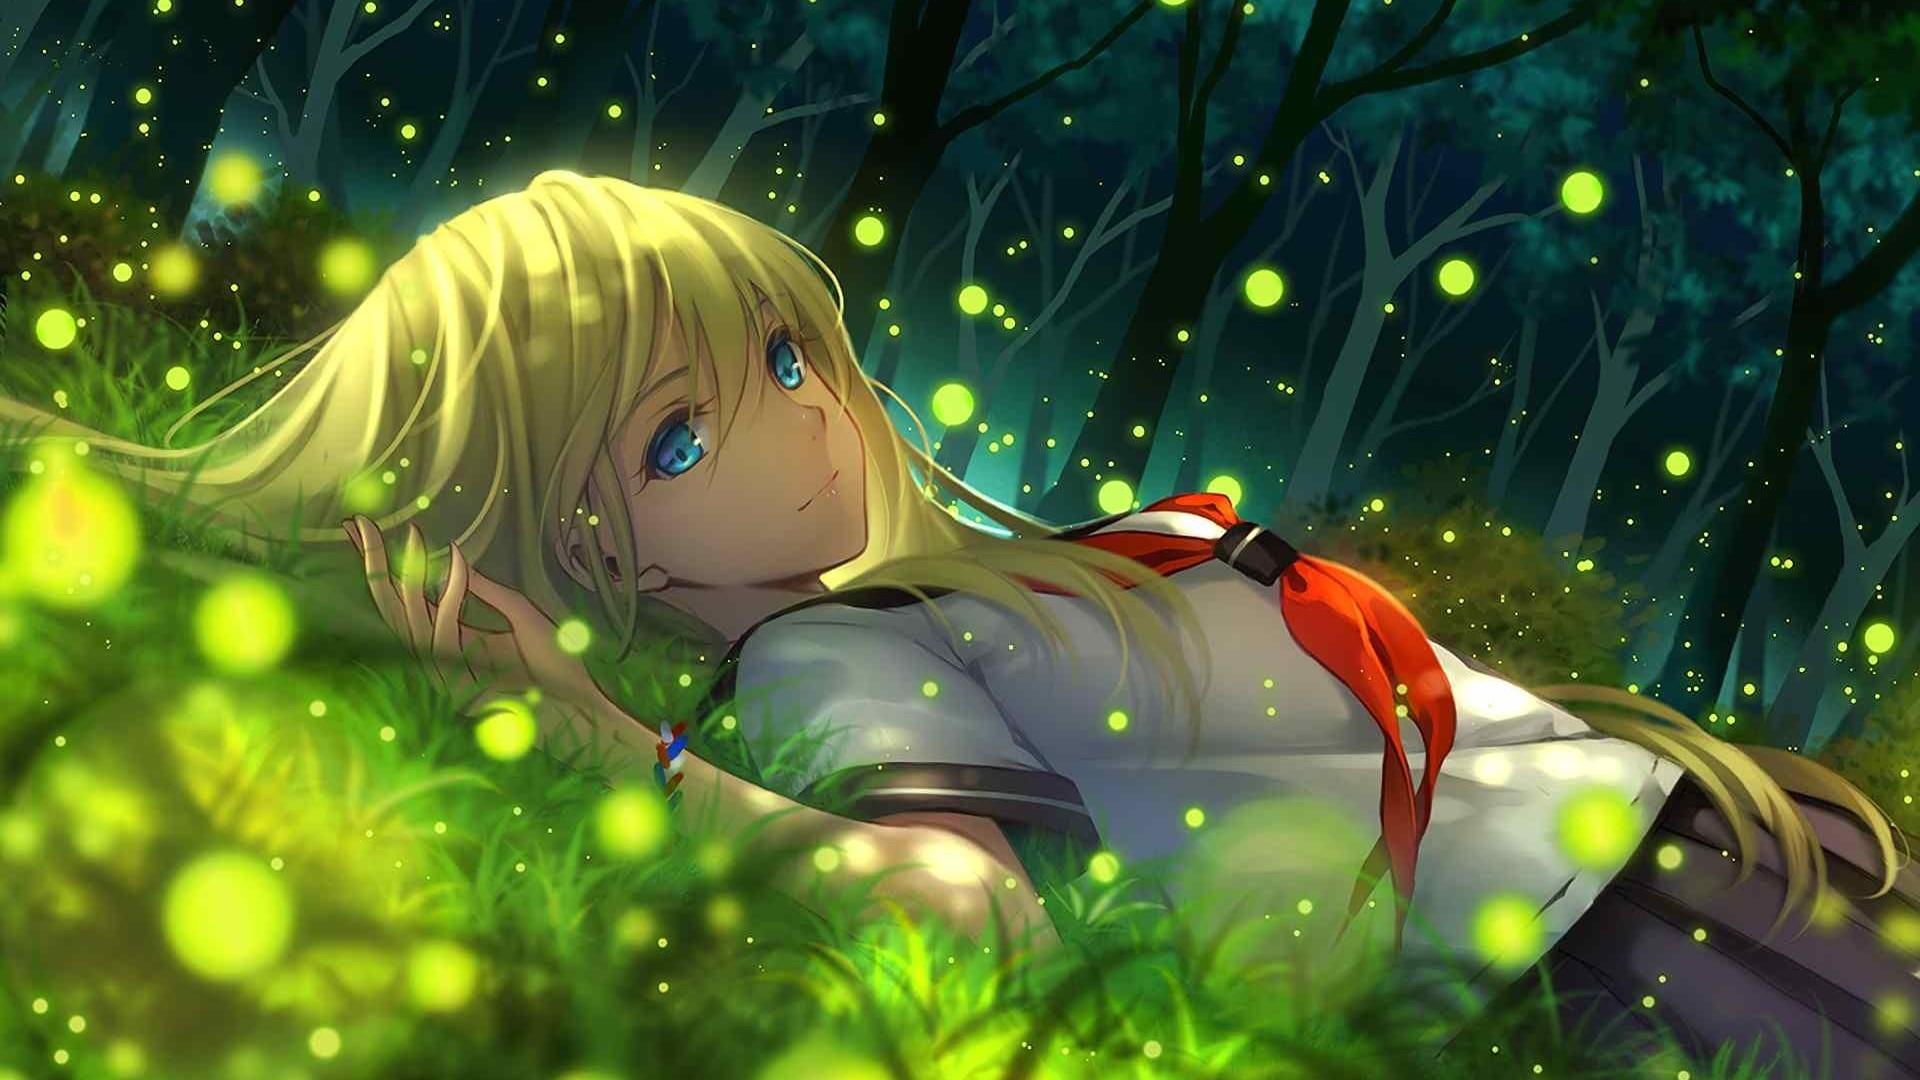 Wallpaper everlasting summer, girl, anime, grass